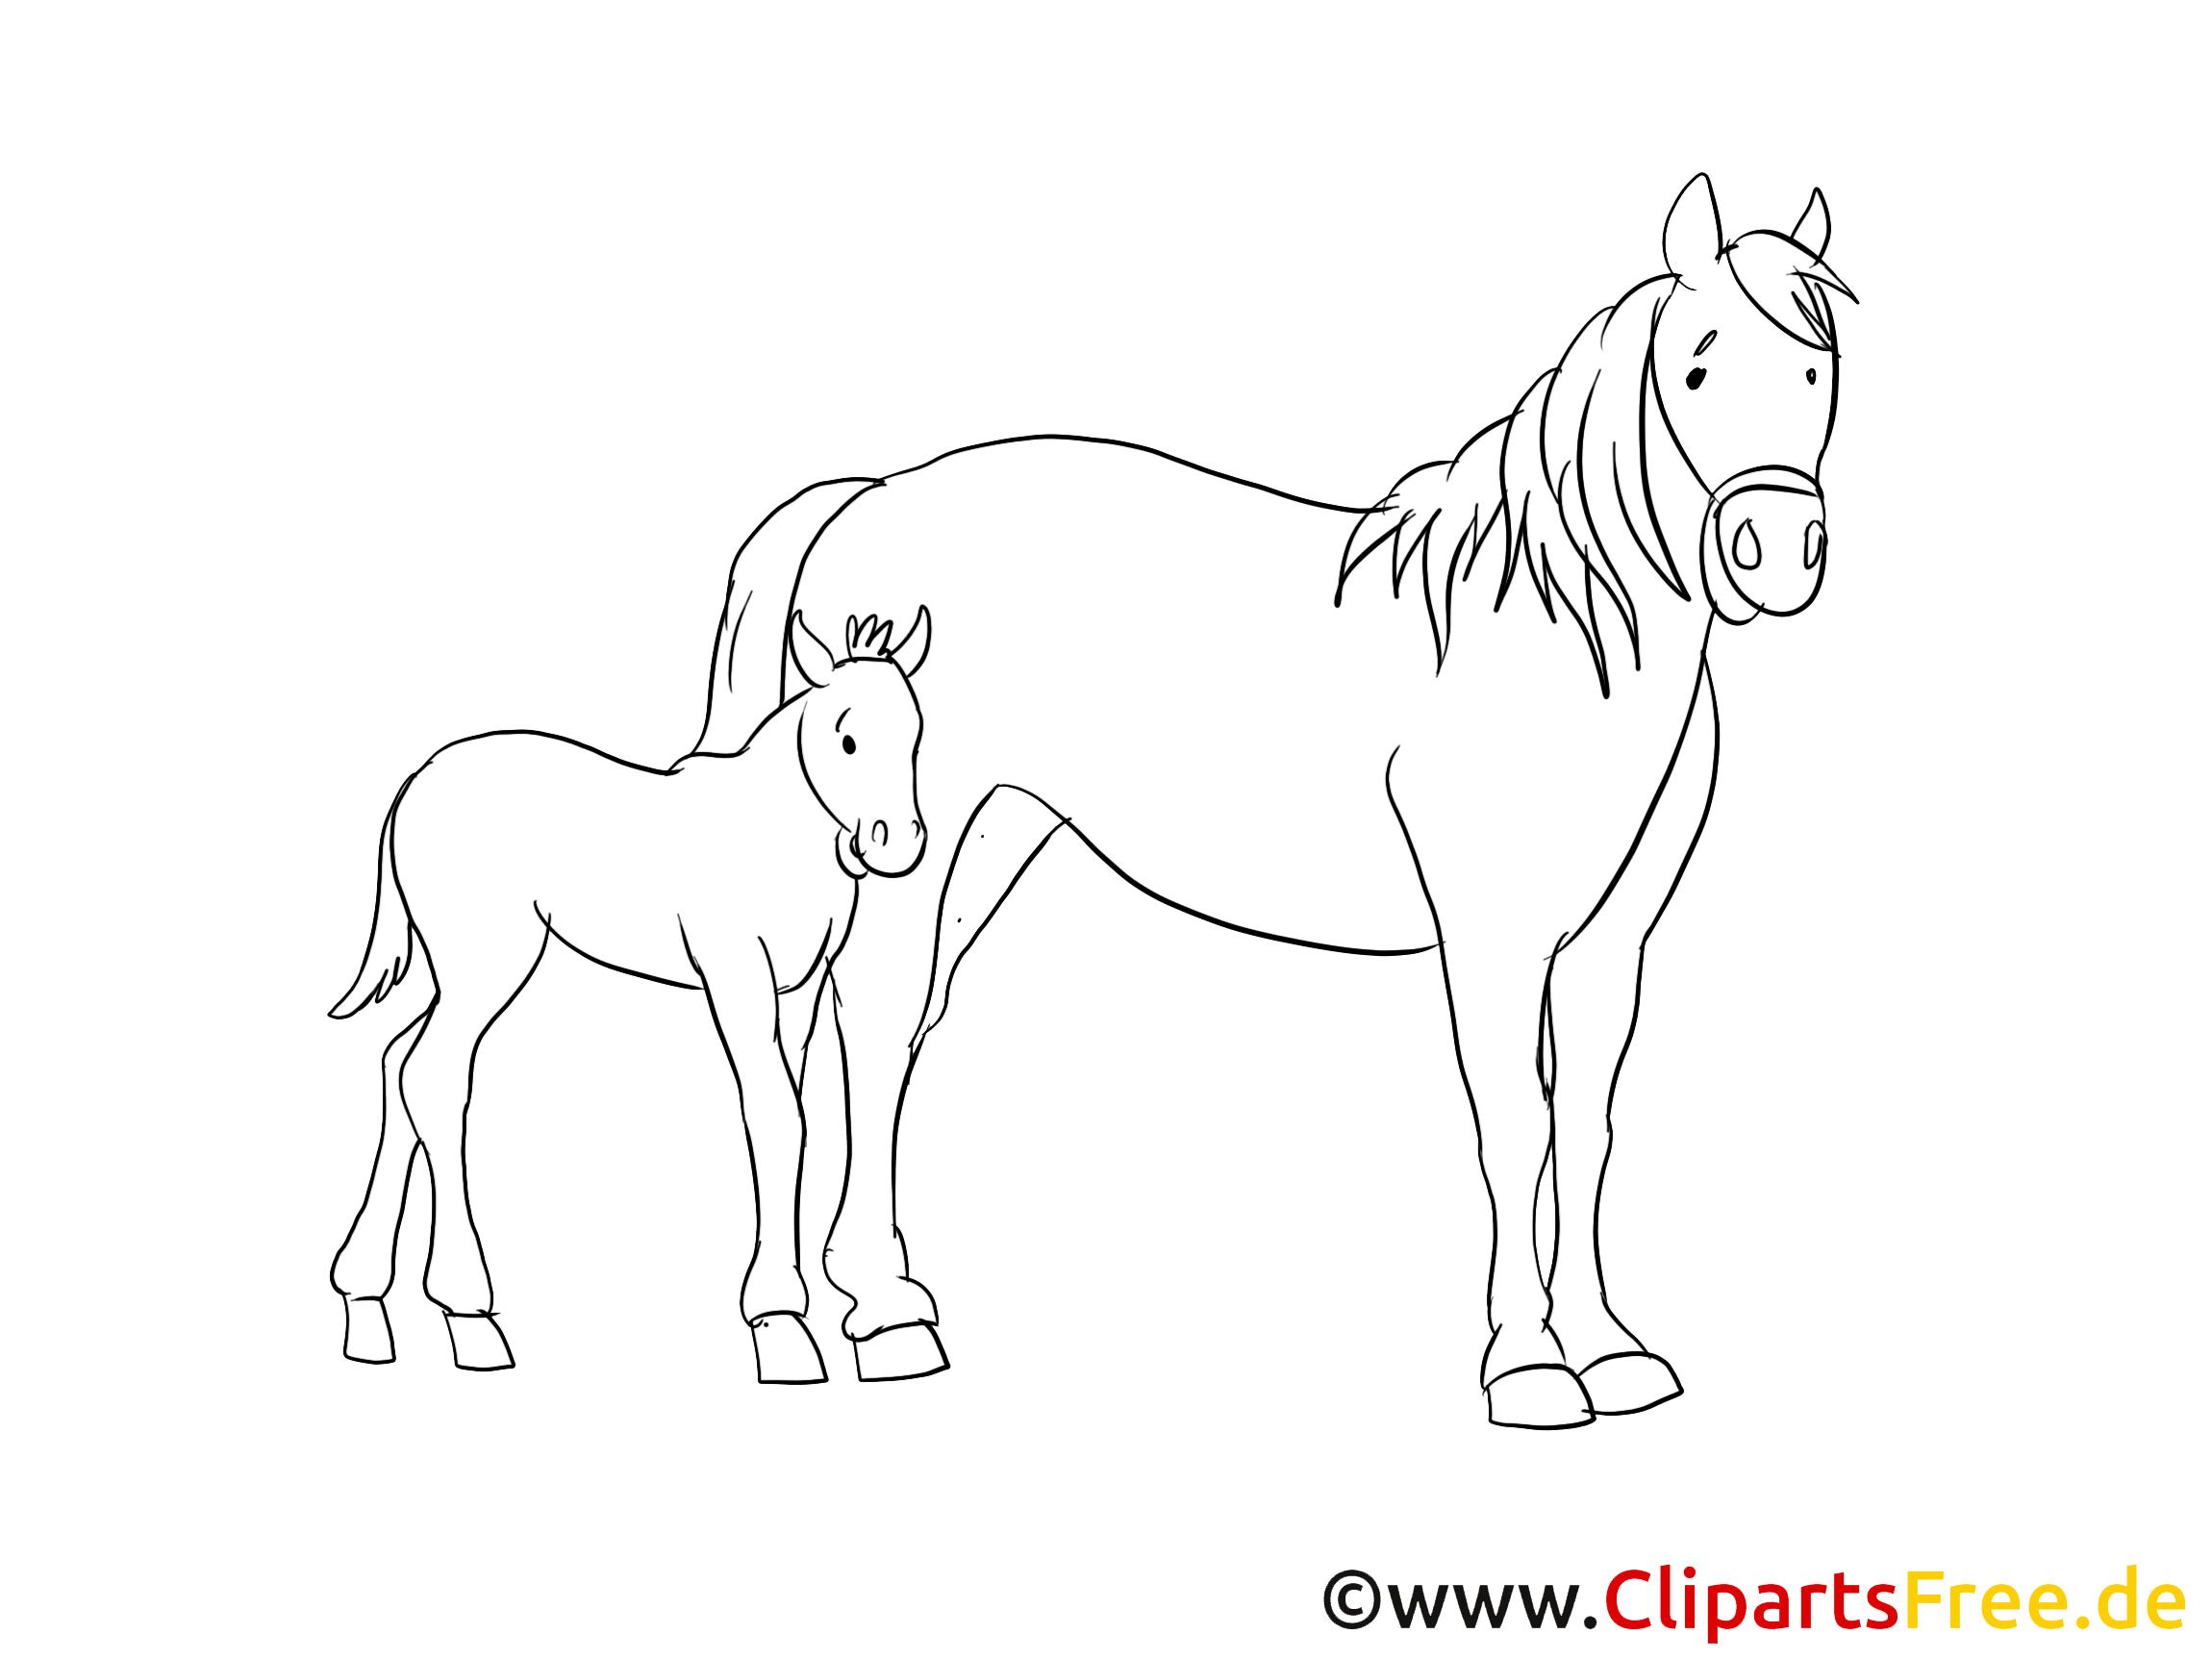 Gezeichnete pferdebilder - Clipart cheval gratuit ...